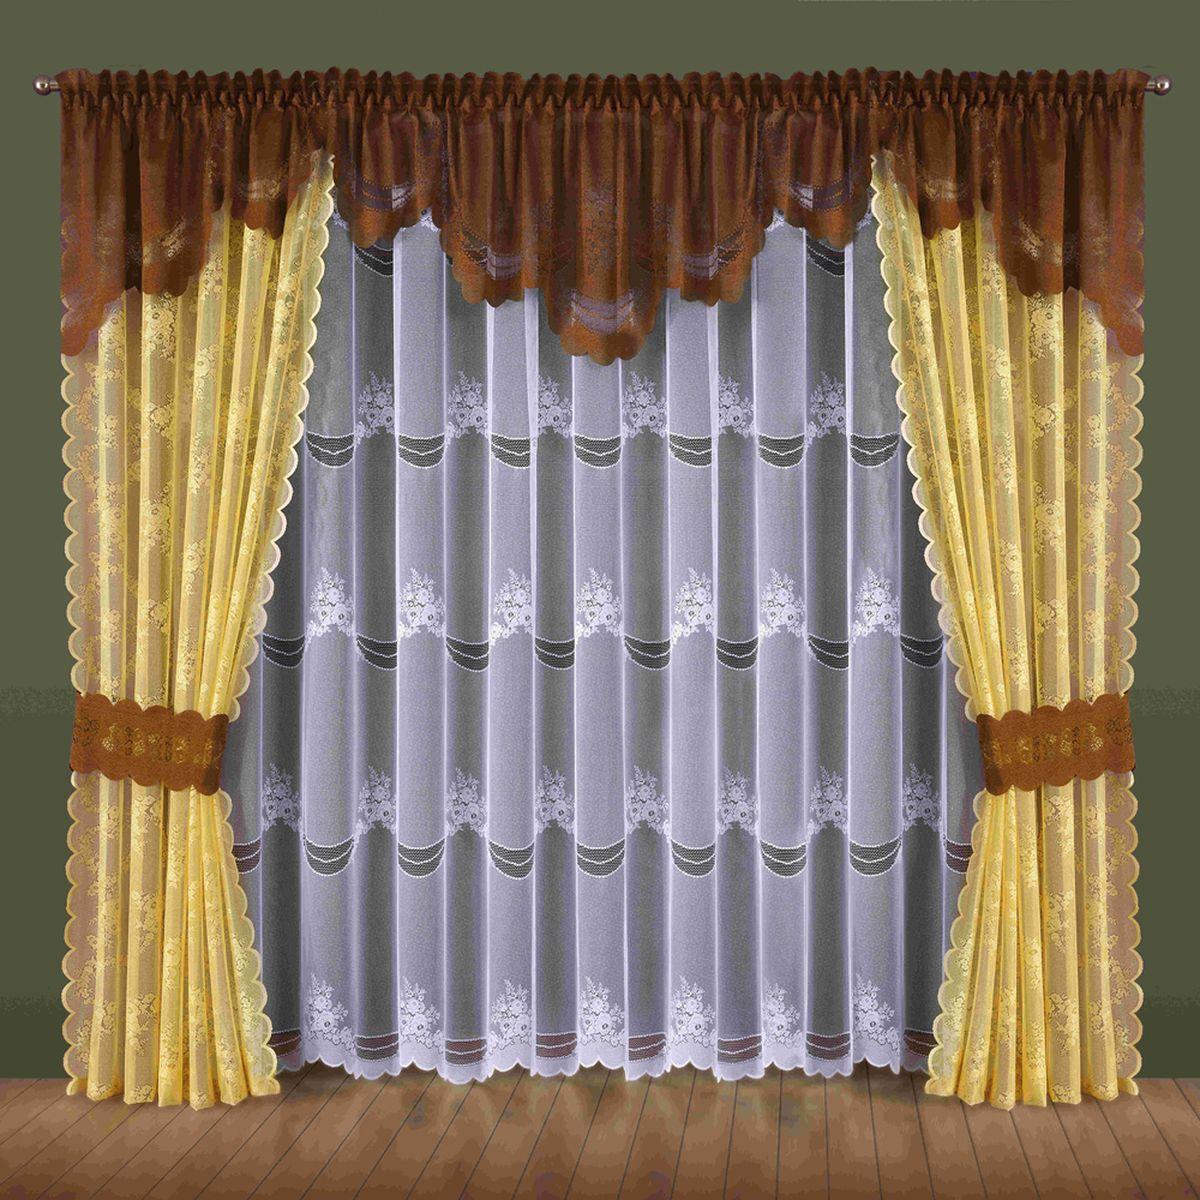 Комплект штор Wisan Nadzieja, на ленте, цвет: желтый, коричневый, высота 250 см184WКомплект штор Wisan Nadzieja выполненный из полиэстера, великолепно украсит любое окно. В комплект входят 2 шторы, тюль, ламбрекен и 2 подхвата. Интересный крой и нежный узор придают комплекту особый стиль и шарм. Тонкое плетение, нежная цветовая гамма и роскошное исполнение - все это делает шторы Wisan Nadzieja замечательным дополнением интерьера помещения. Комплект оснащен шторной лентой для красивой сборки. В комплект входит: Штора - 2 шт. Размер (ШхВ): 145 см х 250 см. Тюль - 1 шт. Размер (ШхВ): 400 см х 250 см. Ламбрекен - 1 шт. Размер (ШхВ): 440 см х 70 см. Подхват - 2 шт. Фирма Wisan на польском рынке существует уже более пятидесяти лет и является одной из лучших польских фабрик по производству штор и тканей. Ассортимент фирмы представлен готовыми комплектами штор для гостиной, детской, кухни, а также текстилем для кухни (скатерти, салфетки, дорожки, кухонные занавески). Модельный ряд отличает оригинальный...